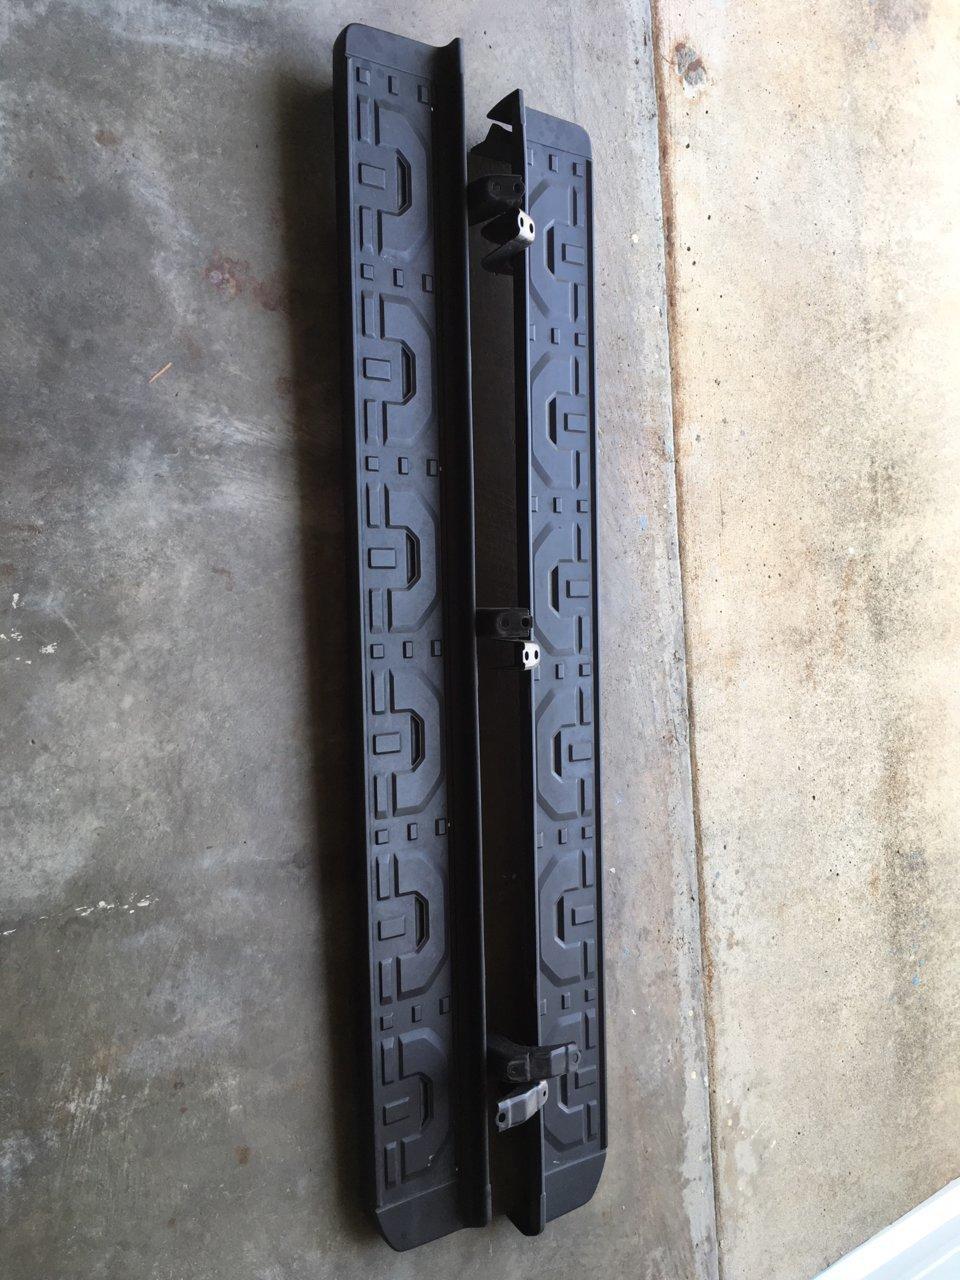 4A6F0448-A1B7-400D-B0D1-63BFE6496F94.jpg